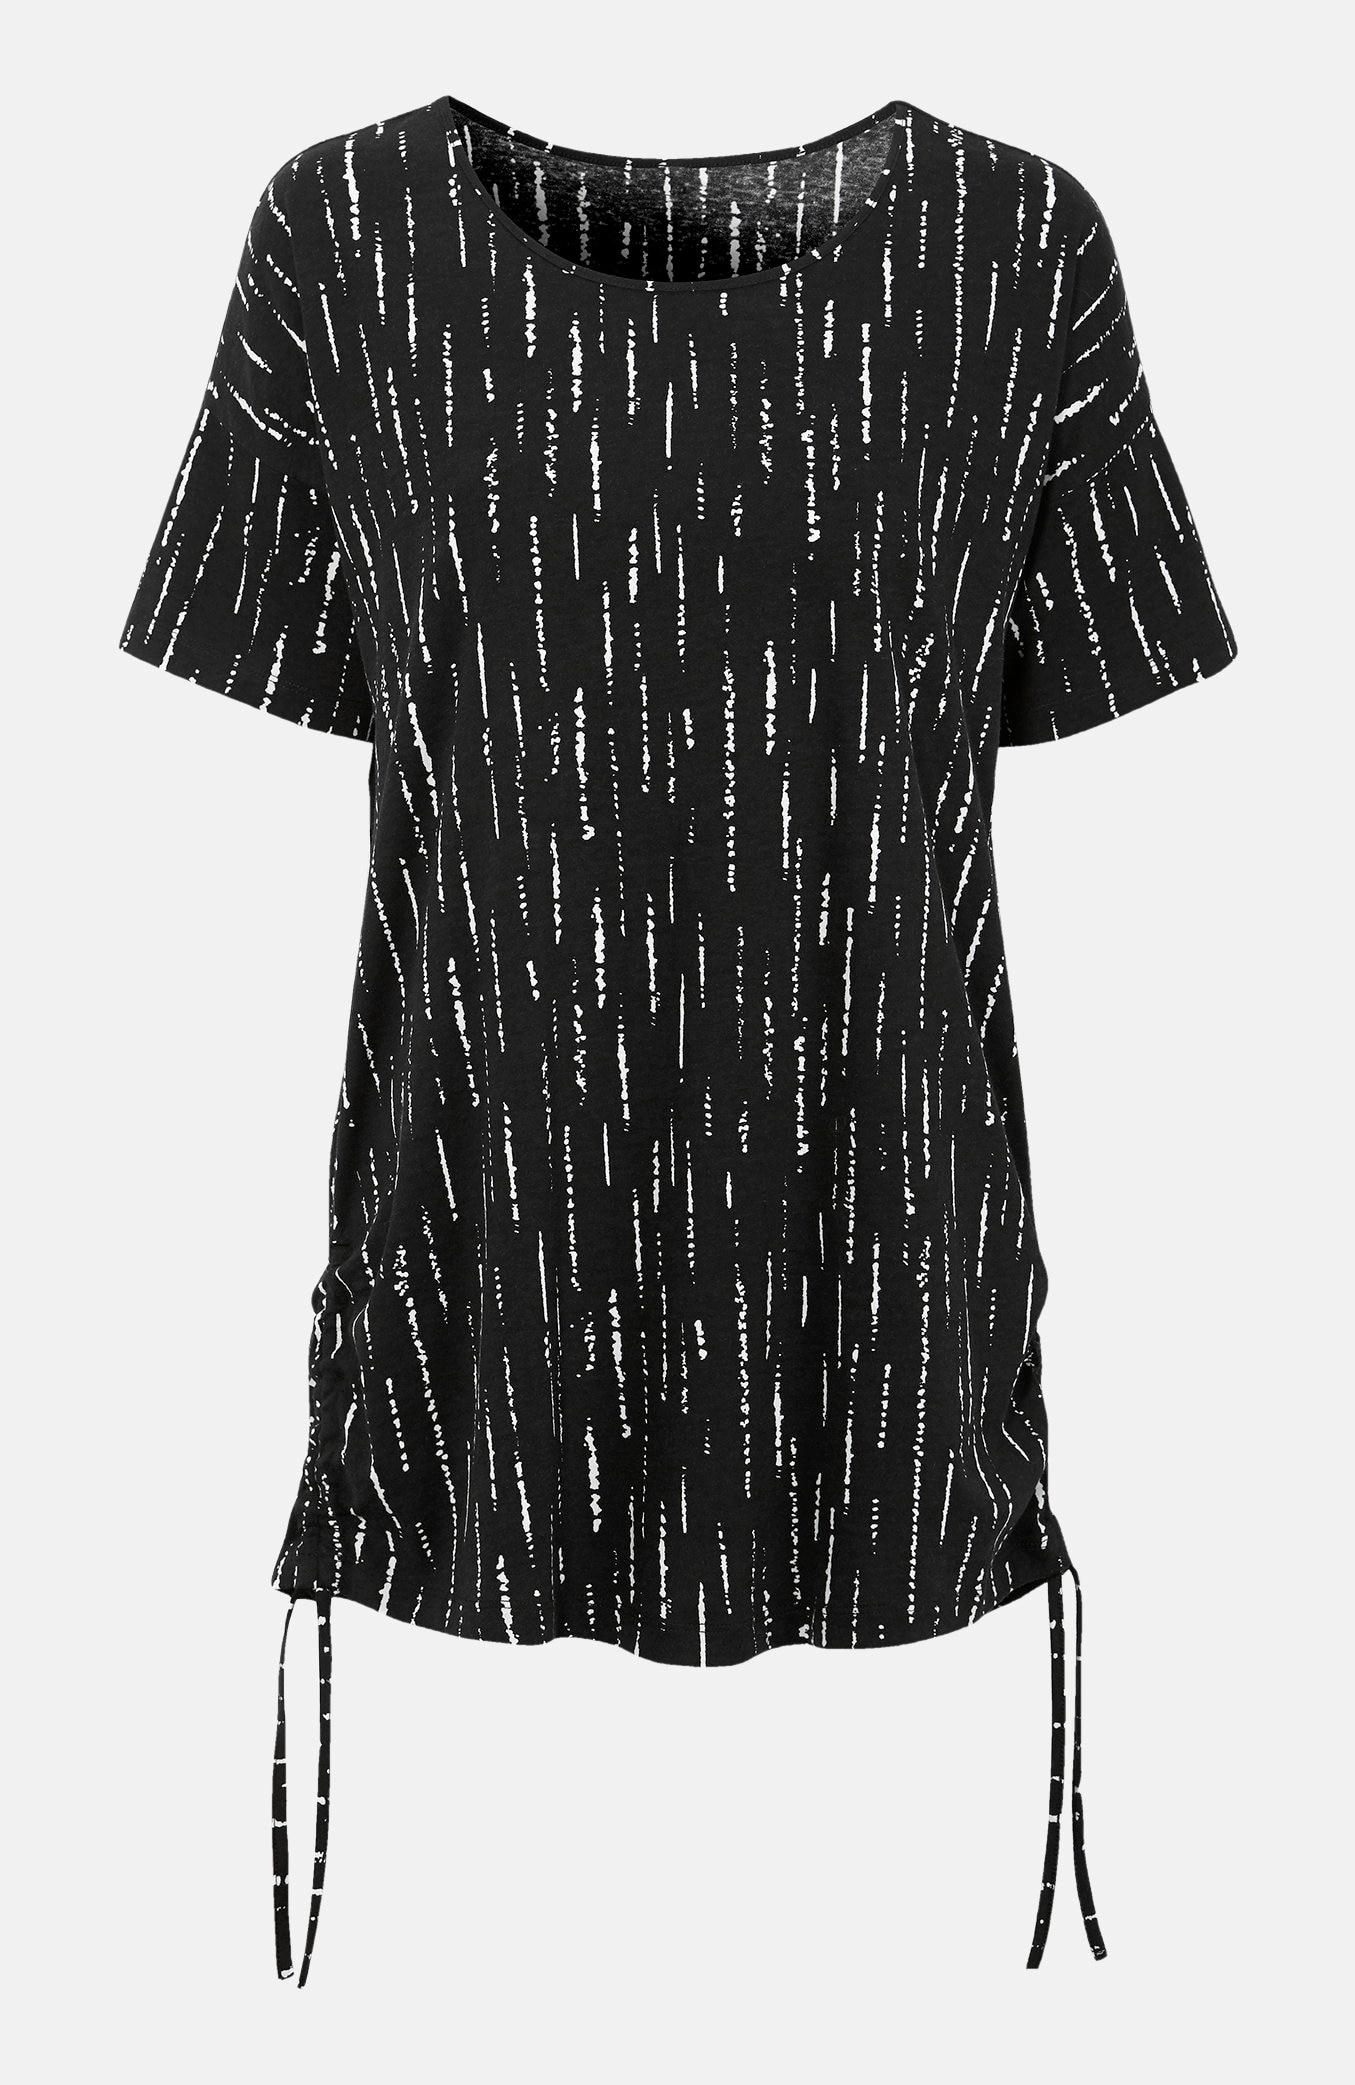 Dłuższa bluzka z krótkim rękawem 2 sztuki